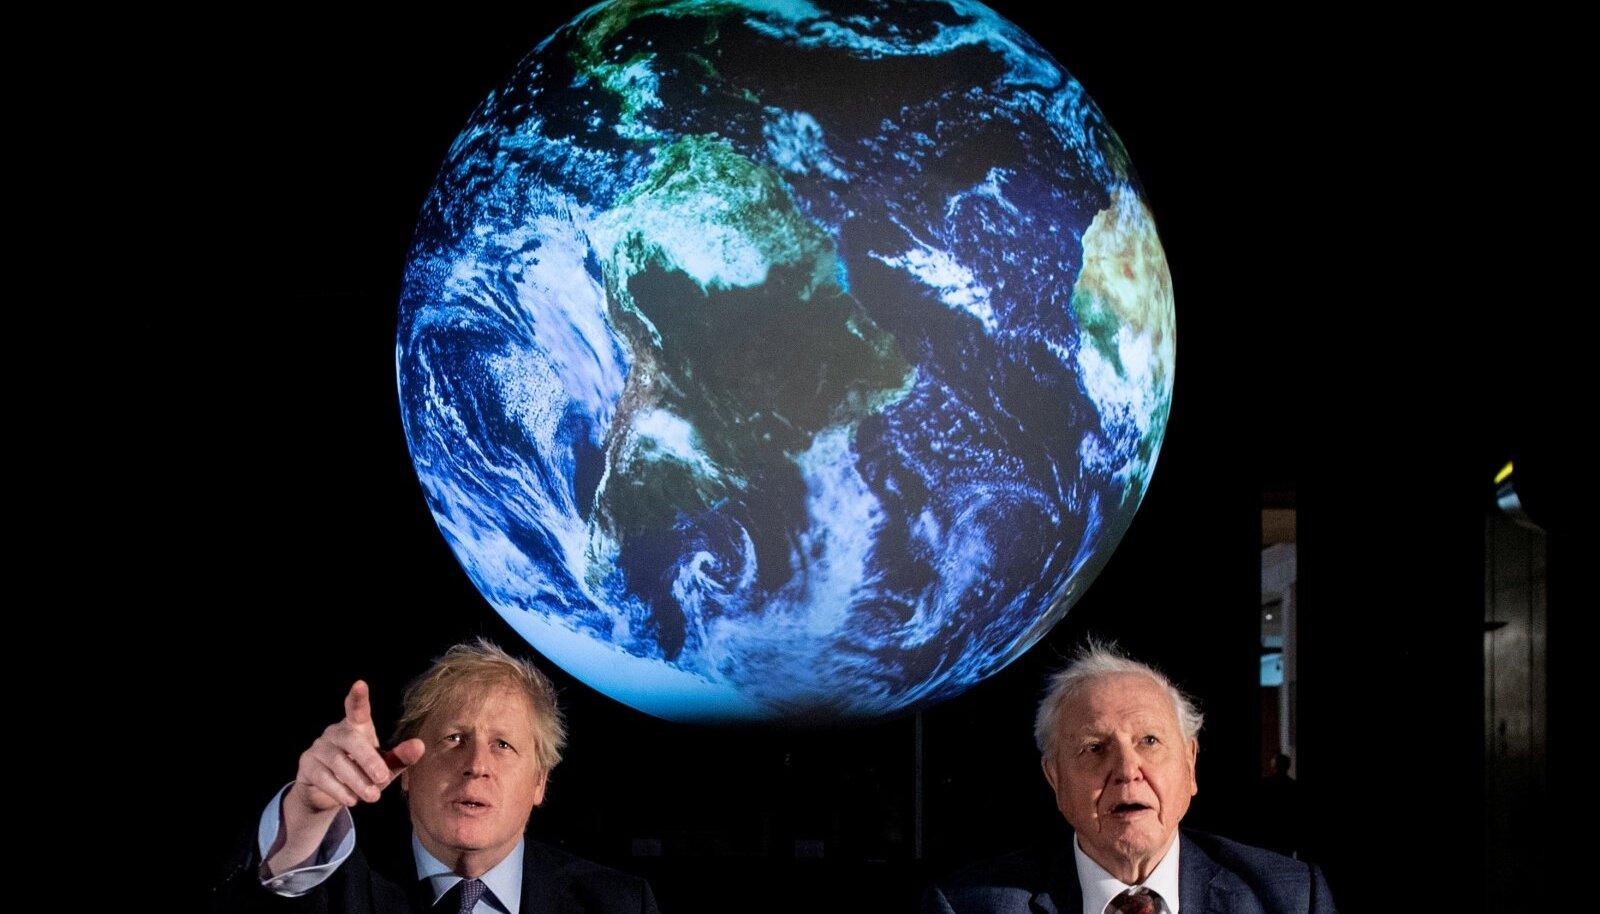 Järgmise kliimakonverentsi korraldab Ühendkuningriik, mille peaminister Boris Johnson saab praegu COVID-19 tõttu intensiivravi. Fotol on tema kõrval looduseuurija David Attenborough.